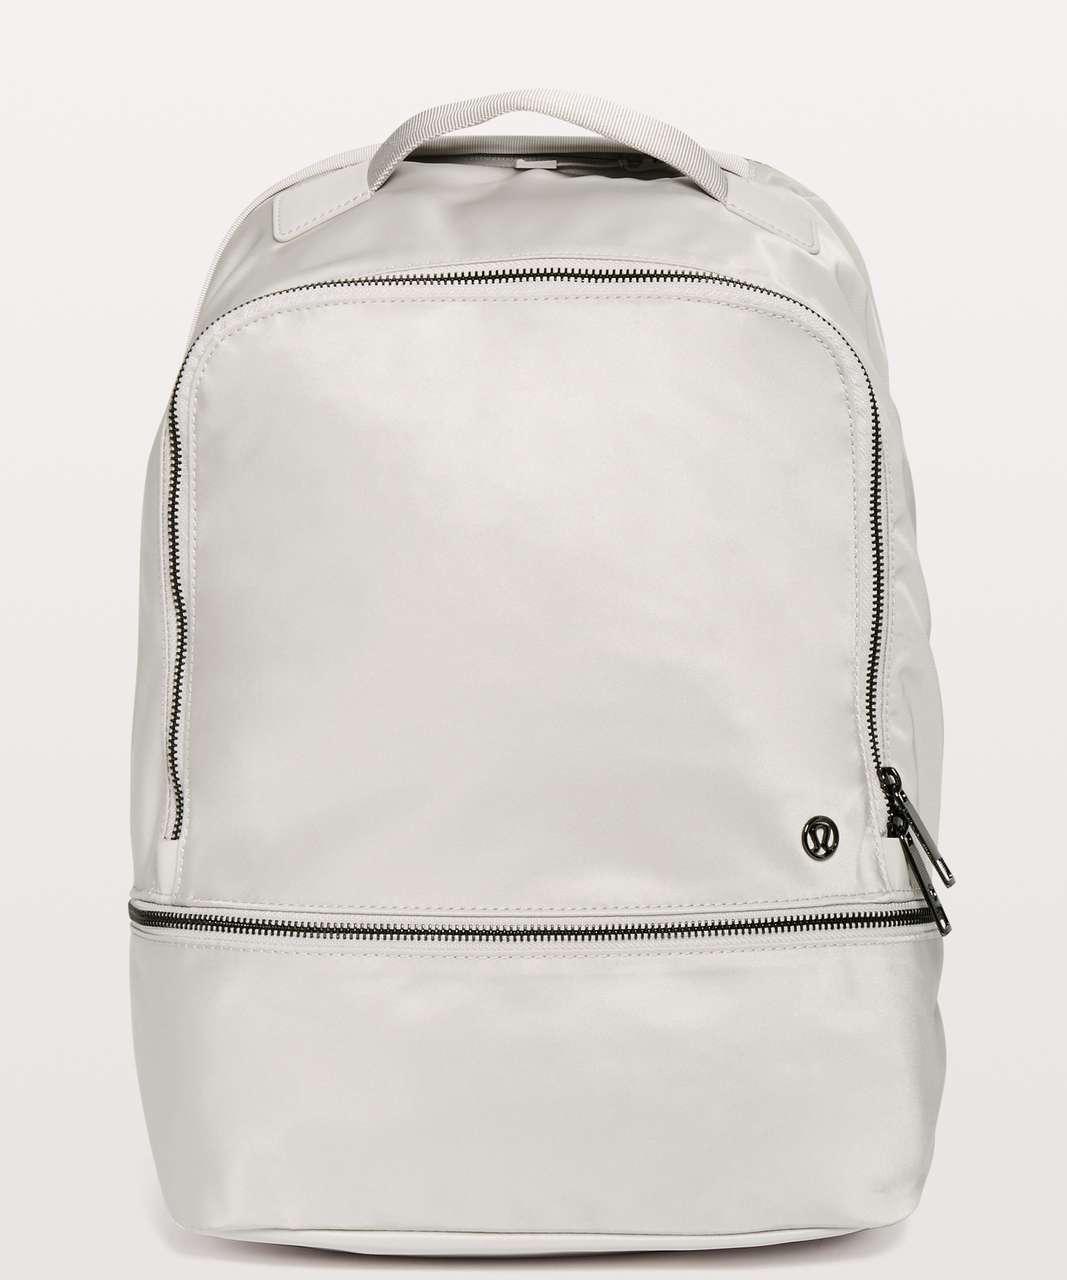 Lululemon City Adventurer Backpack *17L - Chrome